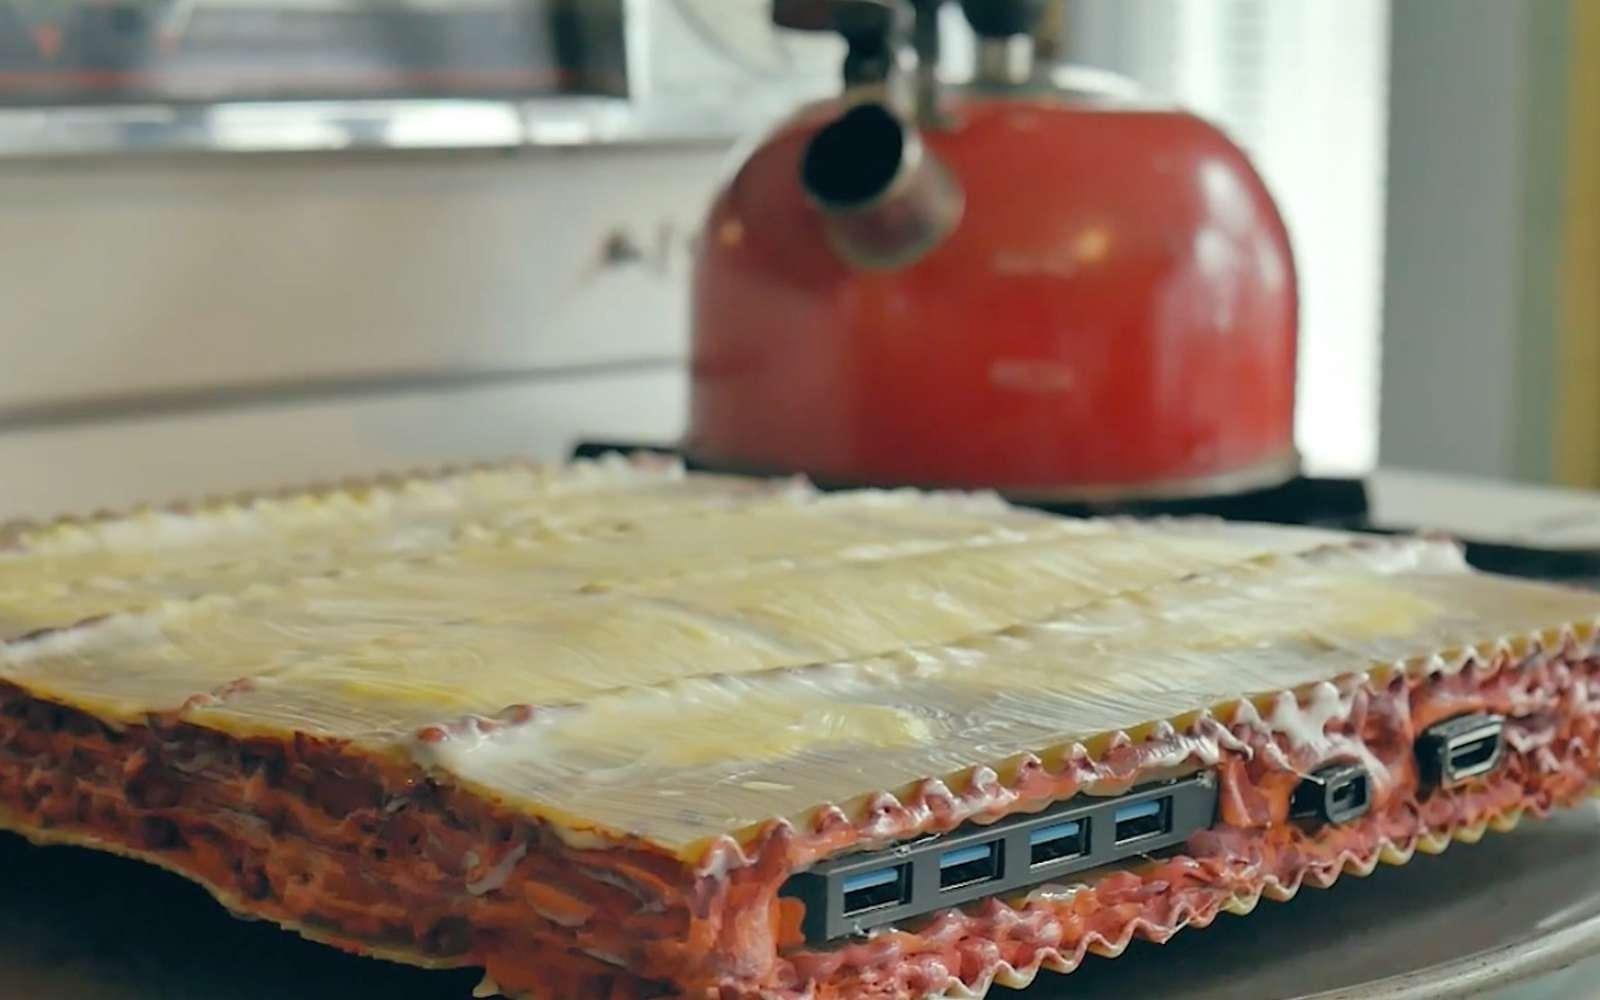 Prises USB, bouton d'alimentation, processeur, carte mère... Il ne manque rien à ses lasagnes PC. © Micah Laplante